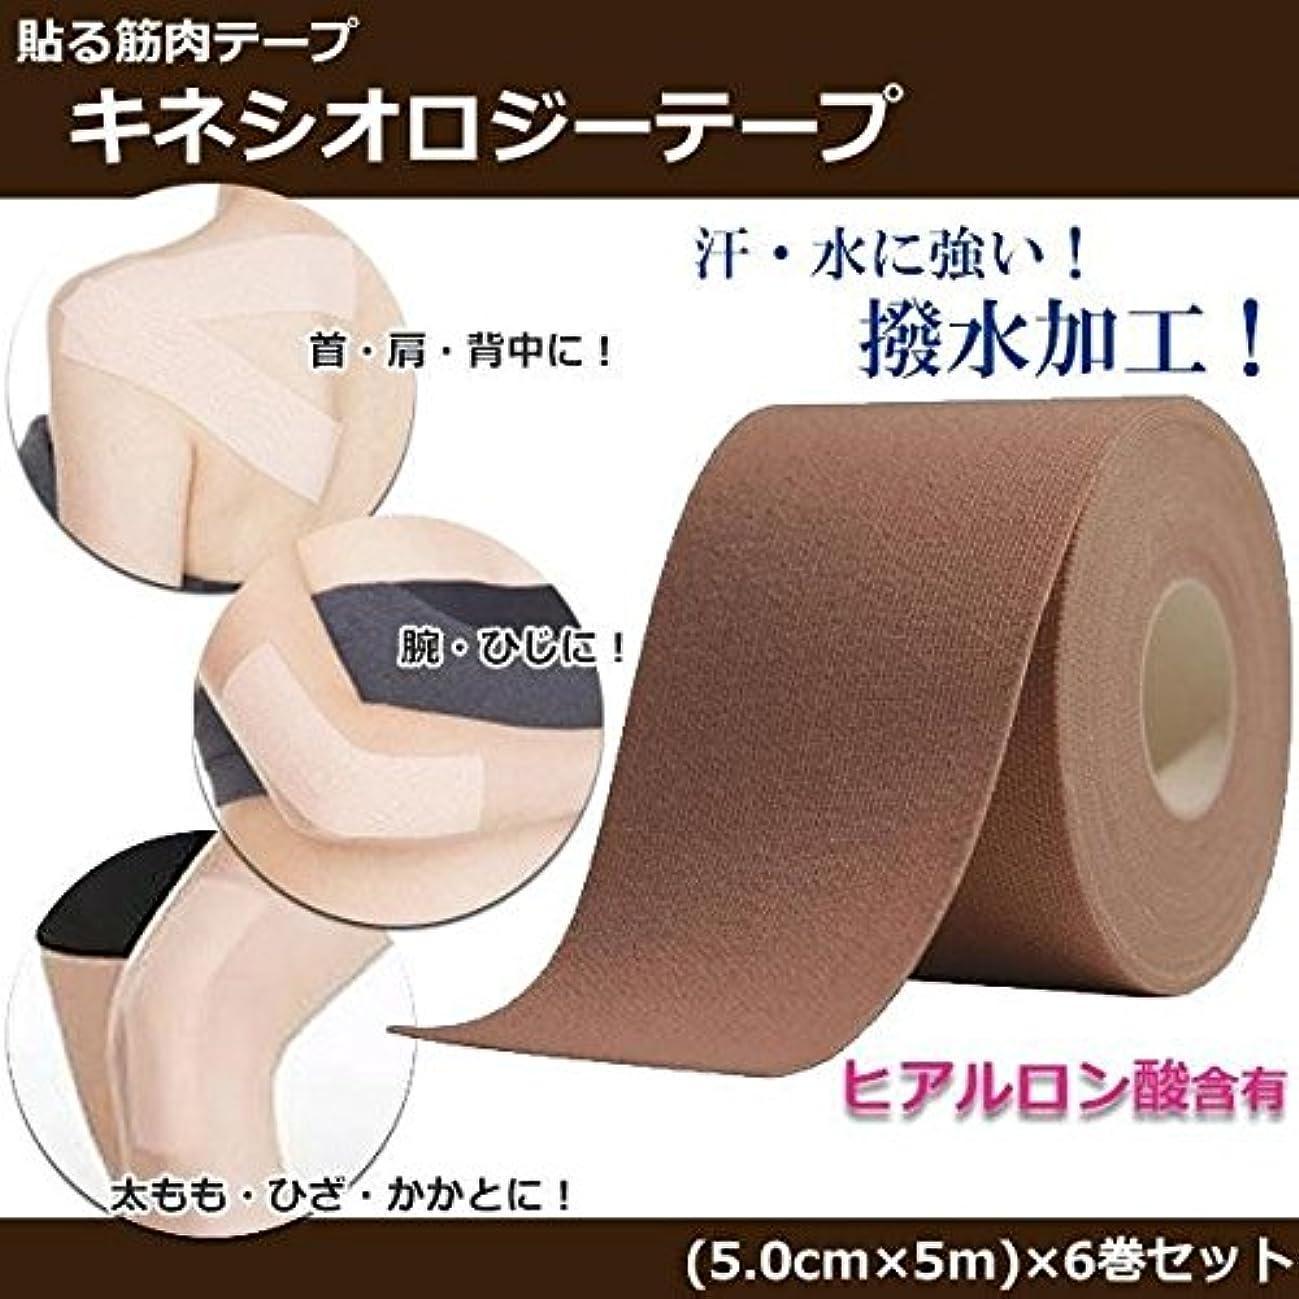 メニューオリエンテーションバンカー貼る筋肉テープ キネシオロジーテープ ヒアルロン酸含有 日本製 6巻セット